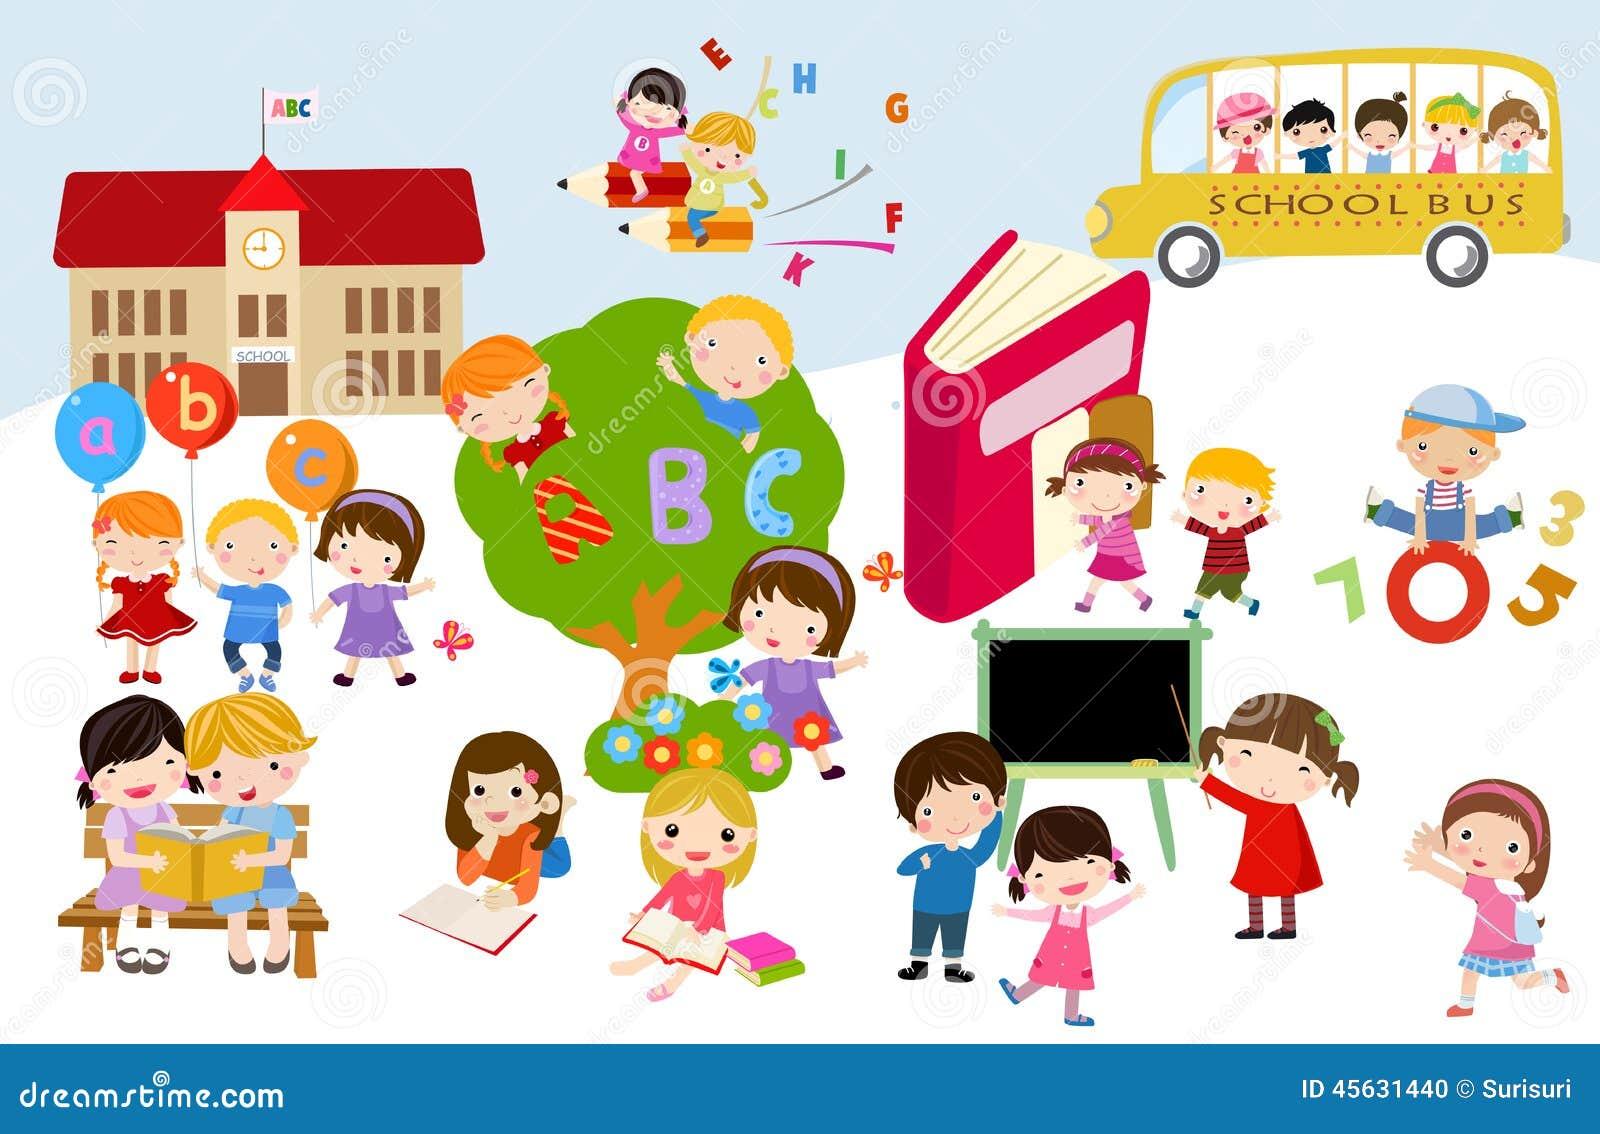 Bambini e scuola illustrazione vettoriale illustrazione for Scuola clipart